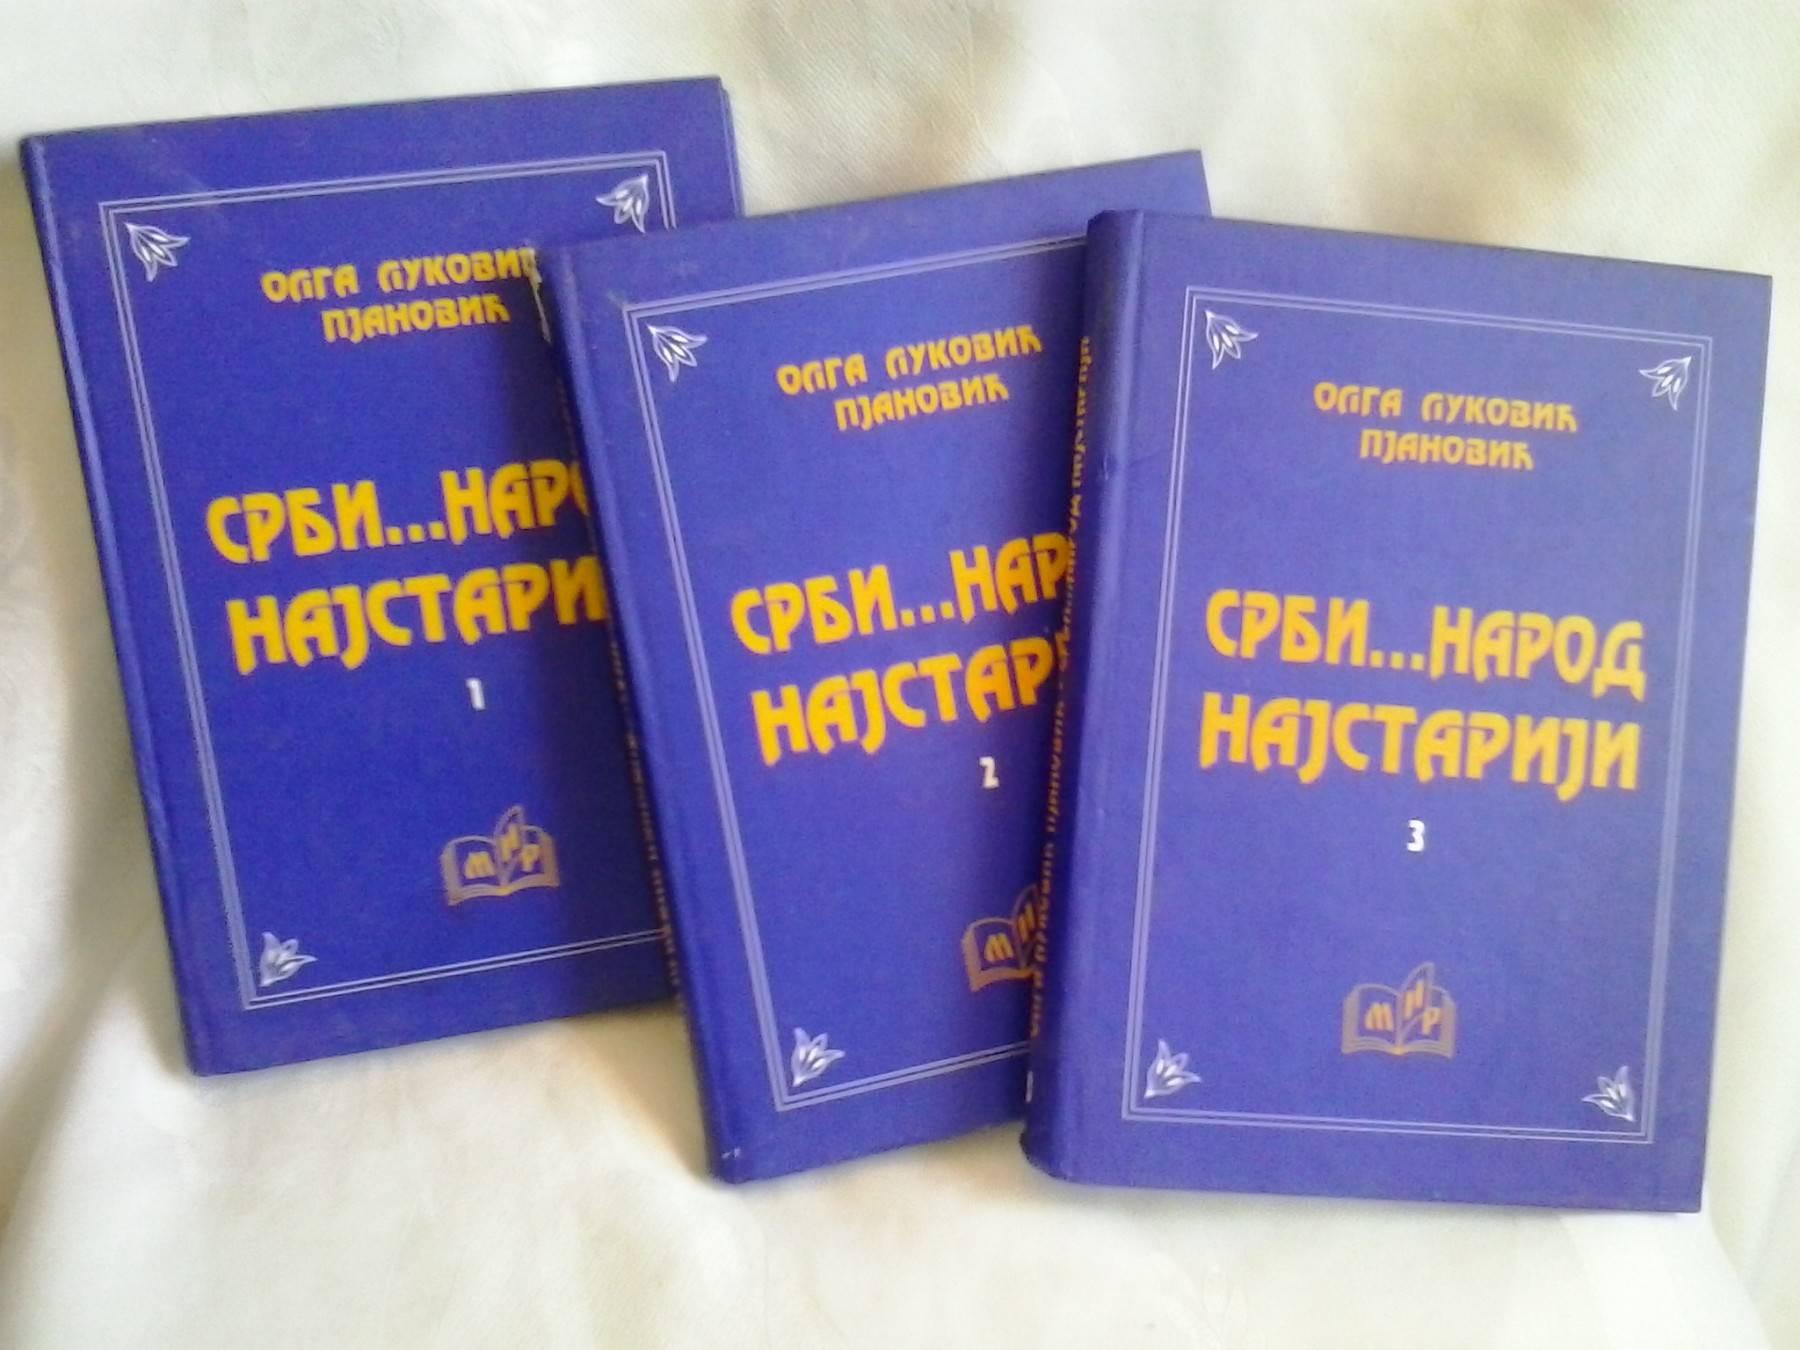 Филологијом до србског искона